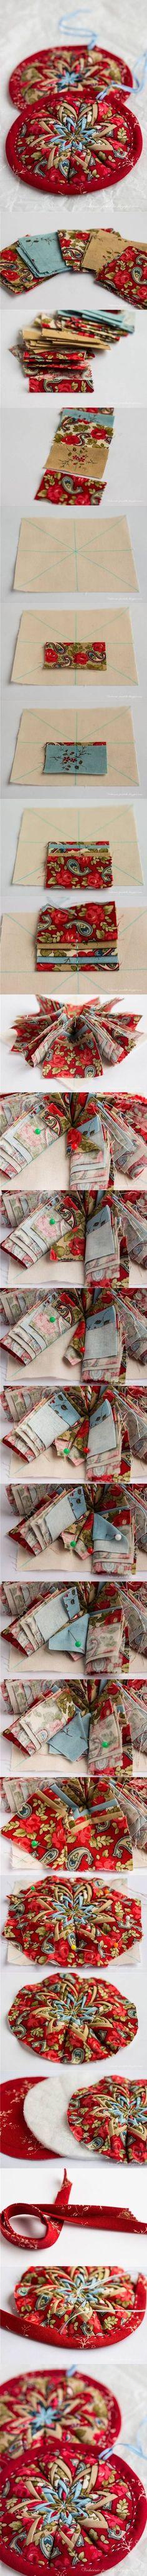 DIY Fabric Star Ornament DIY Fabric Star Ornament by diyforever